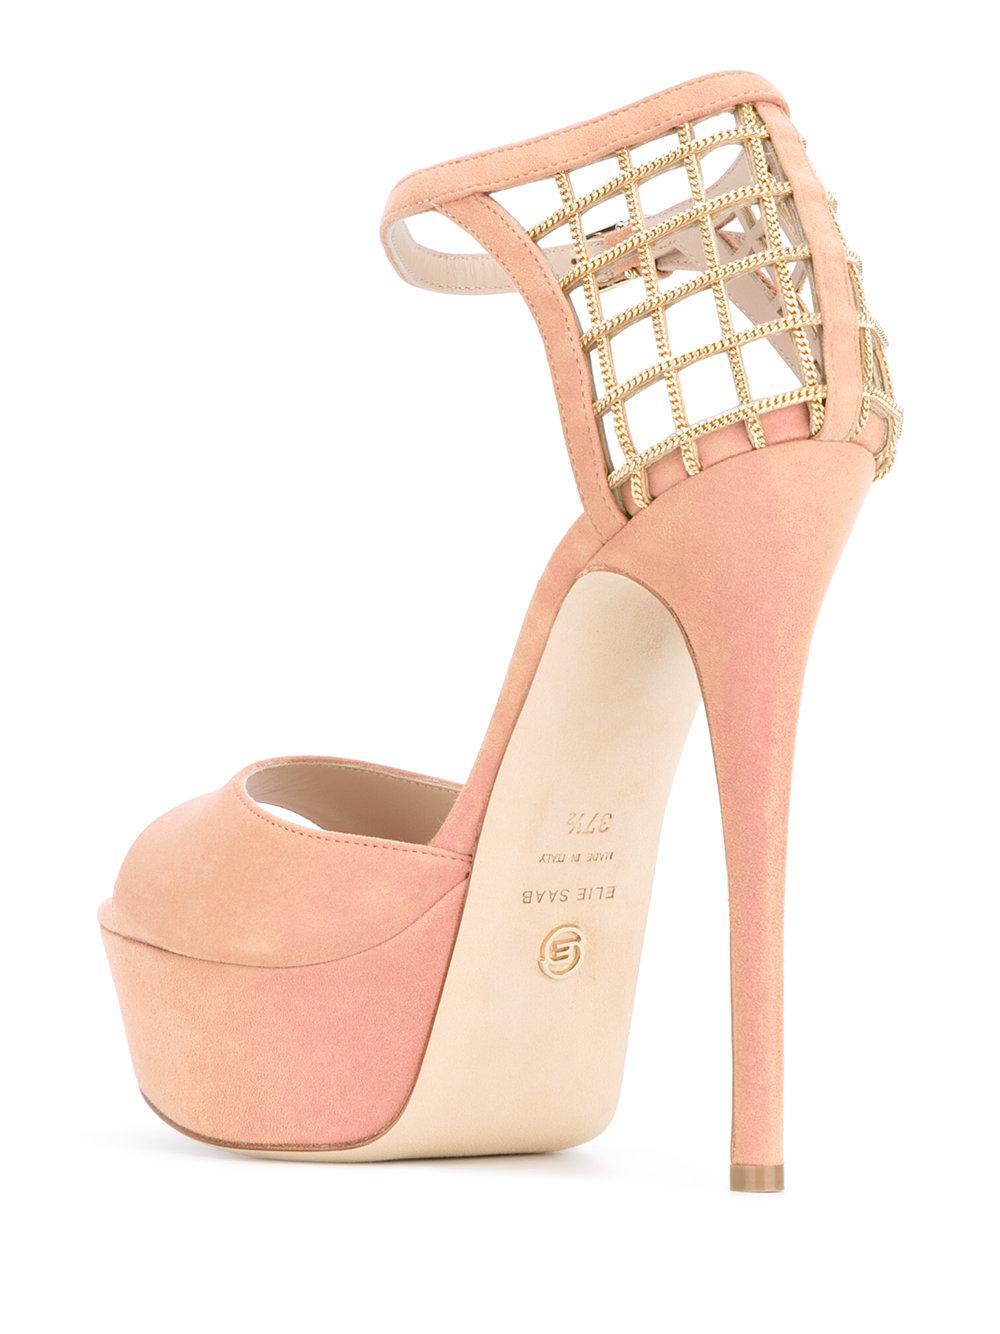 platform sandals - Nude & Neutrals Elie Saab nPAser